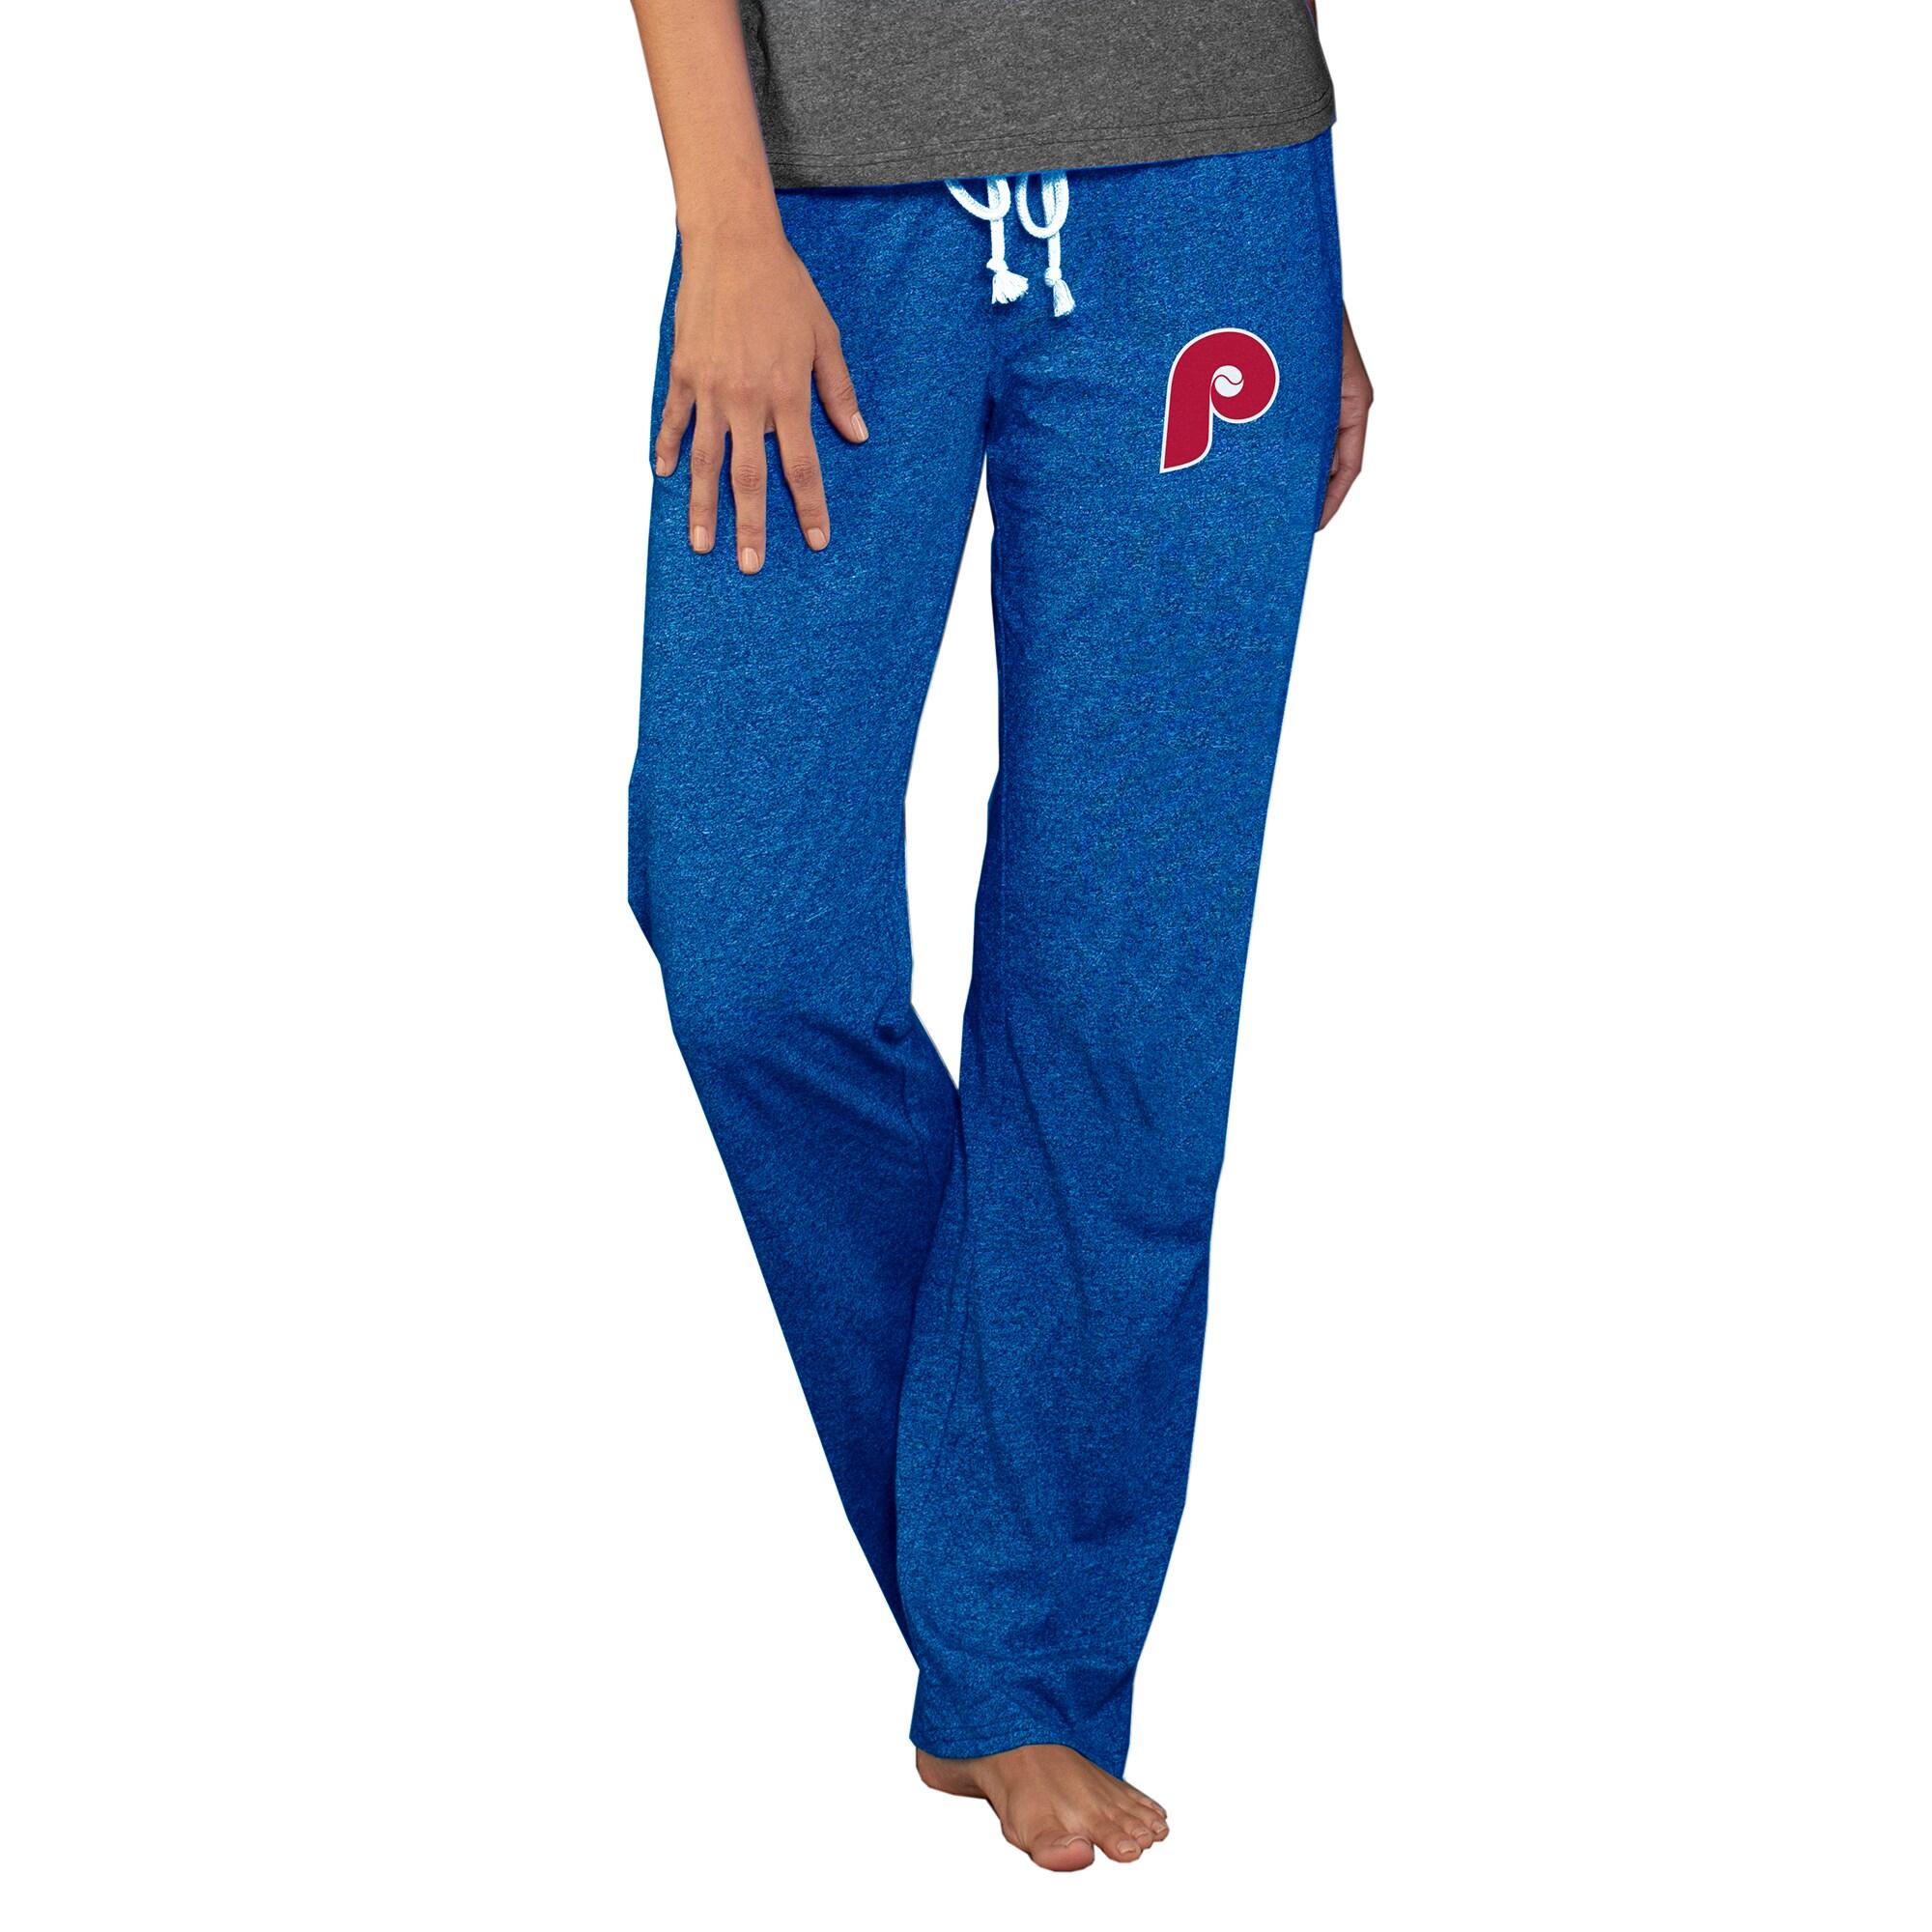 Philadelphia Phillies Concepts Sport Women's Cooperstown Quest Knit Pants - Royal